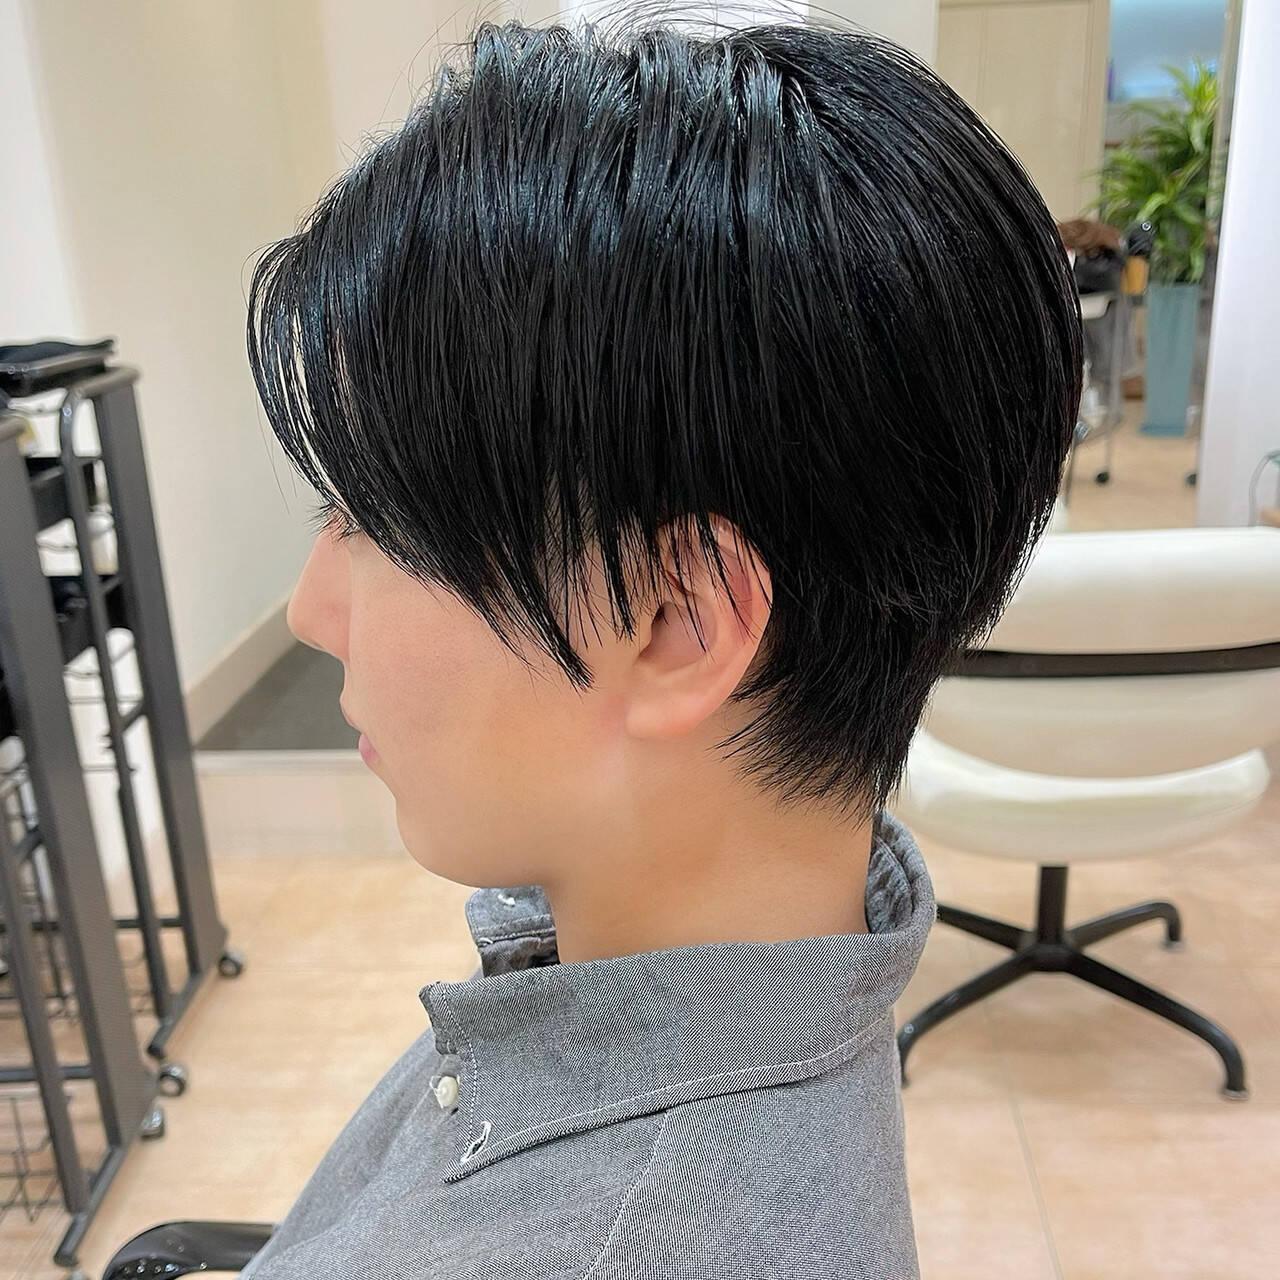 センターパート ハンサムショート ツーブロック メンズヘアスタイルや髪型の写真・画像